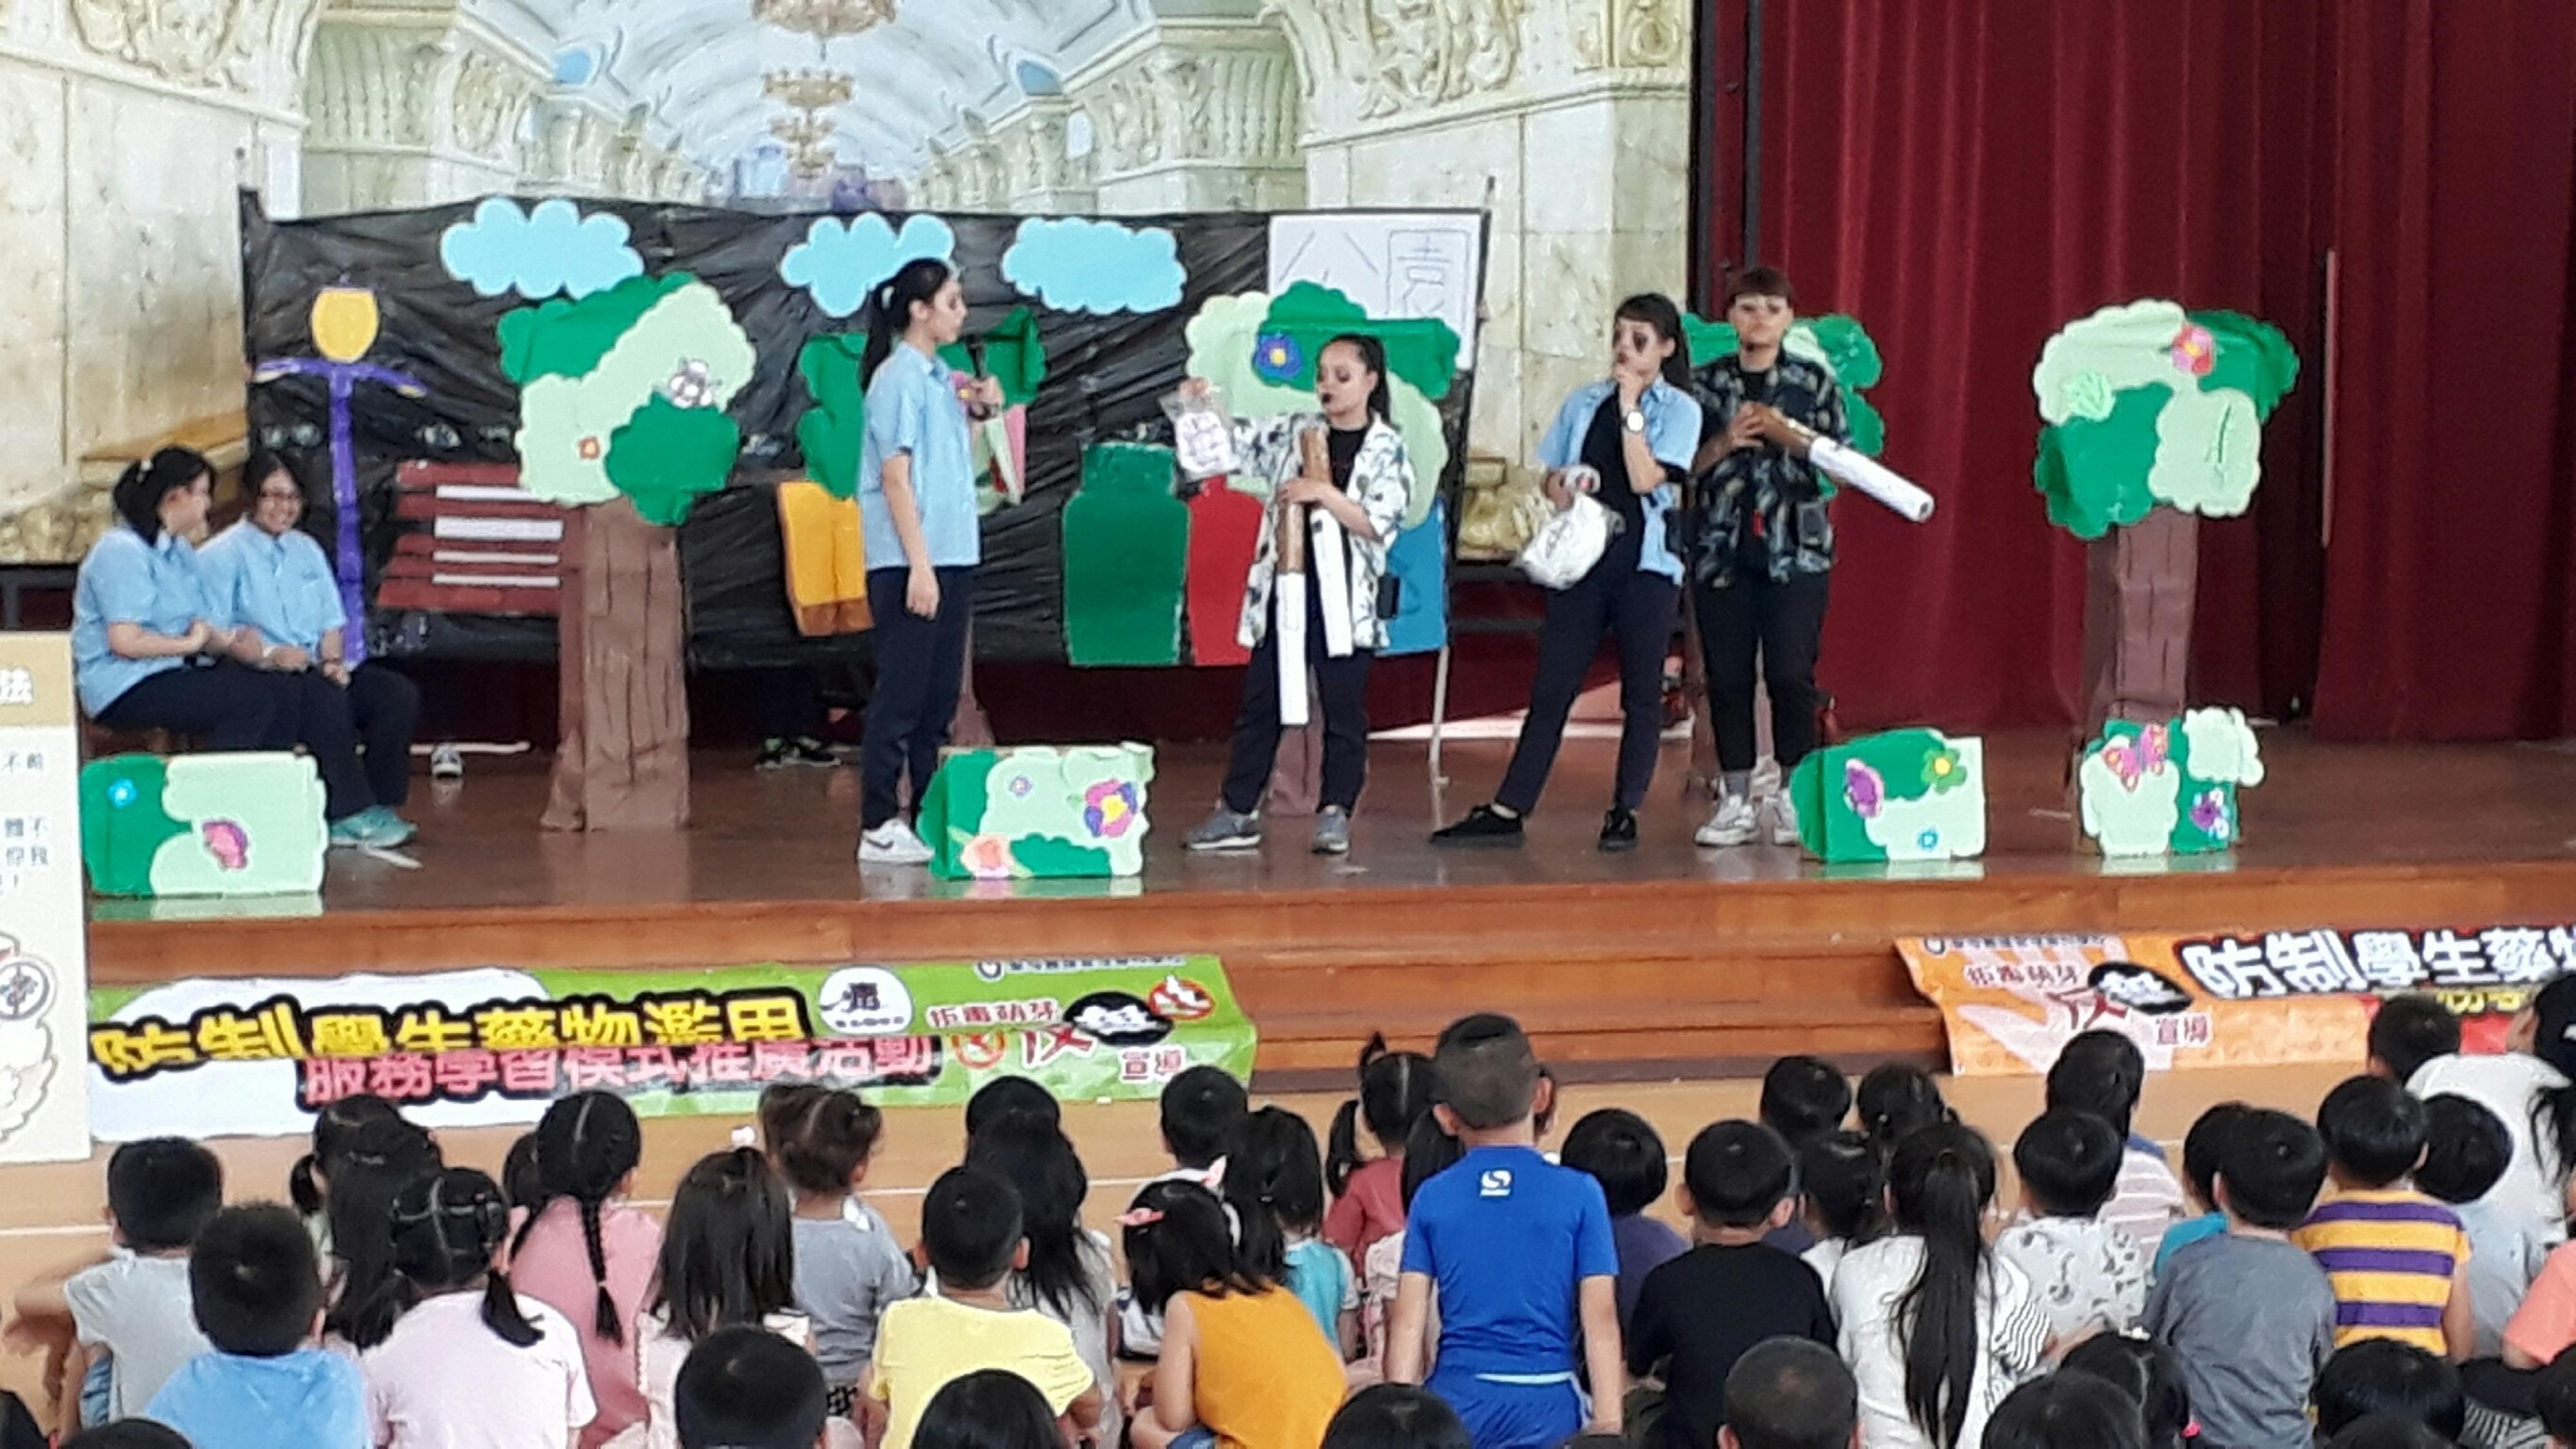 大哥哥、大姊姊們針對國小學童,創作活潑生動的反毒戲劇(聖母醫護管理專科學校)_大圖